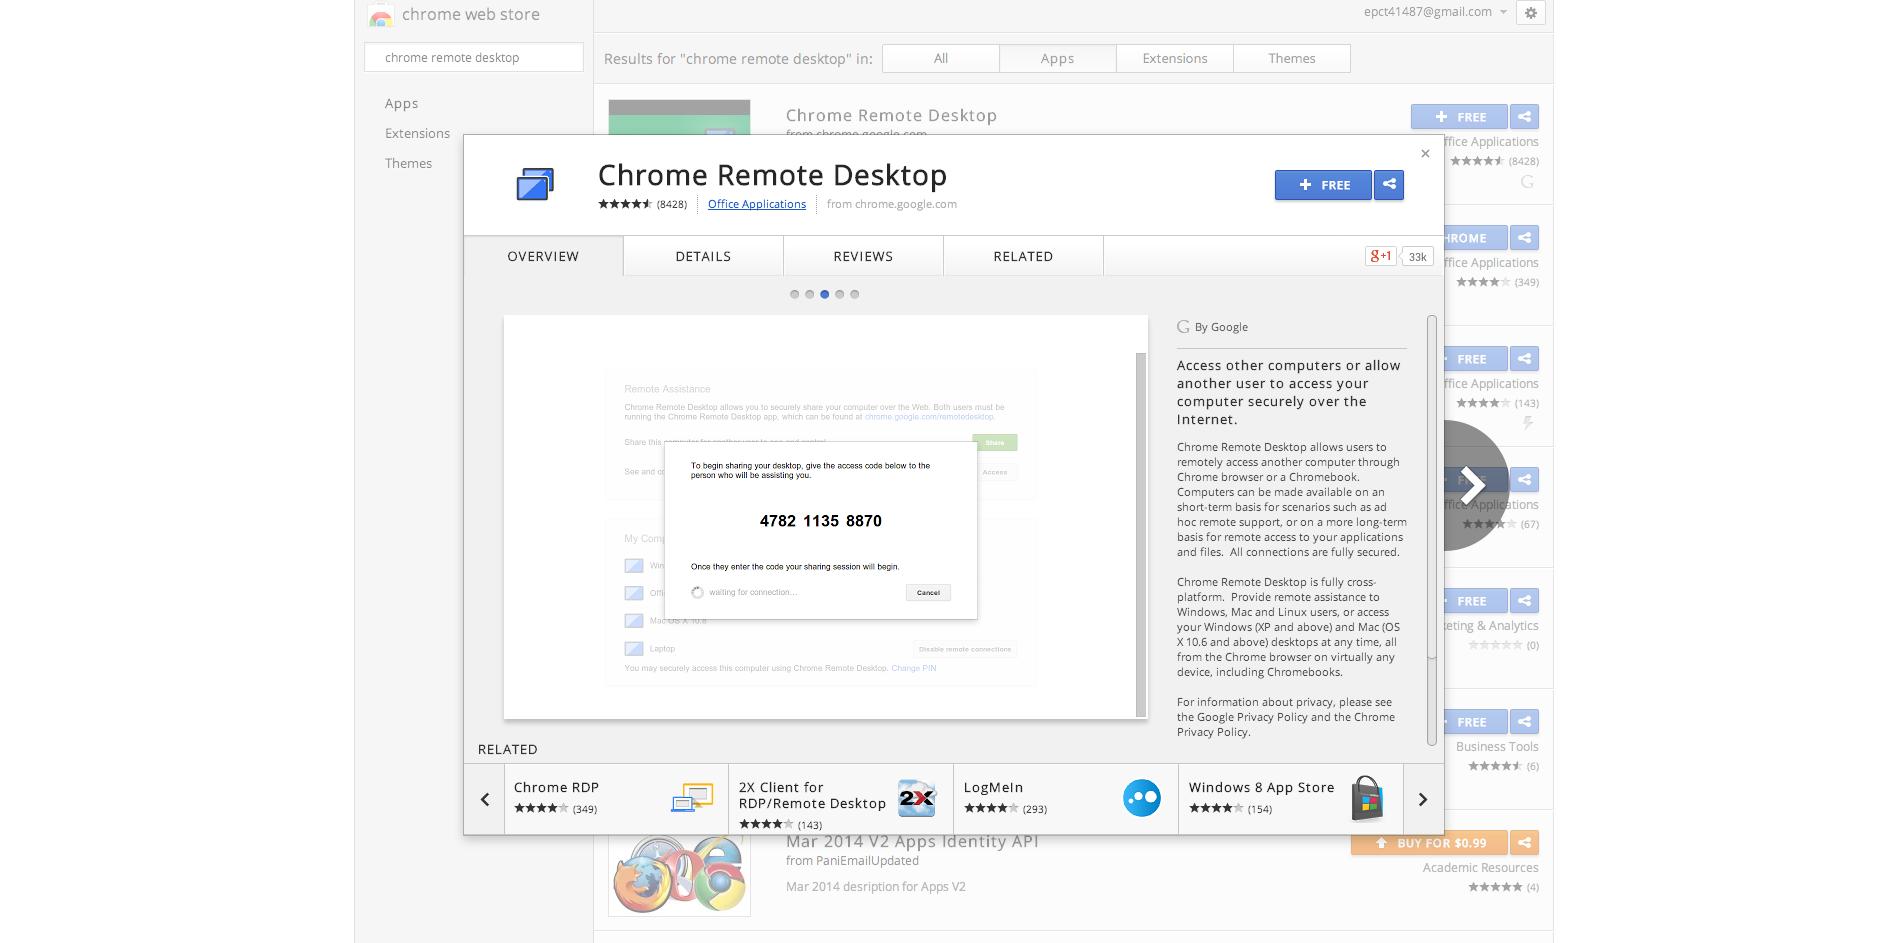 How to use Chrome Remote Desktop | Google Chrome: News, Reviews, Forum & Beyond